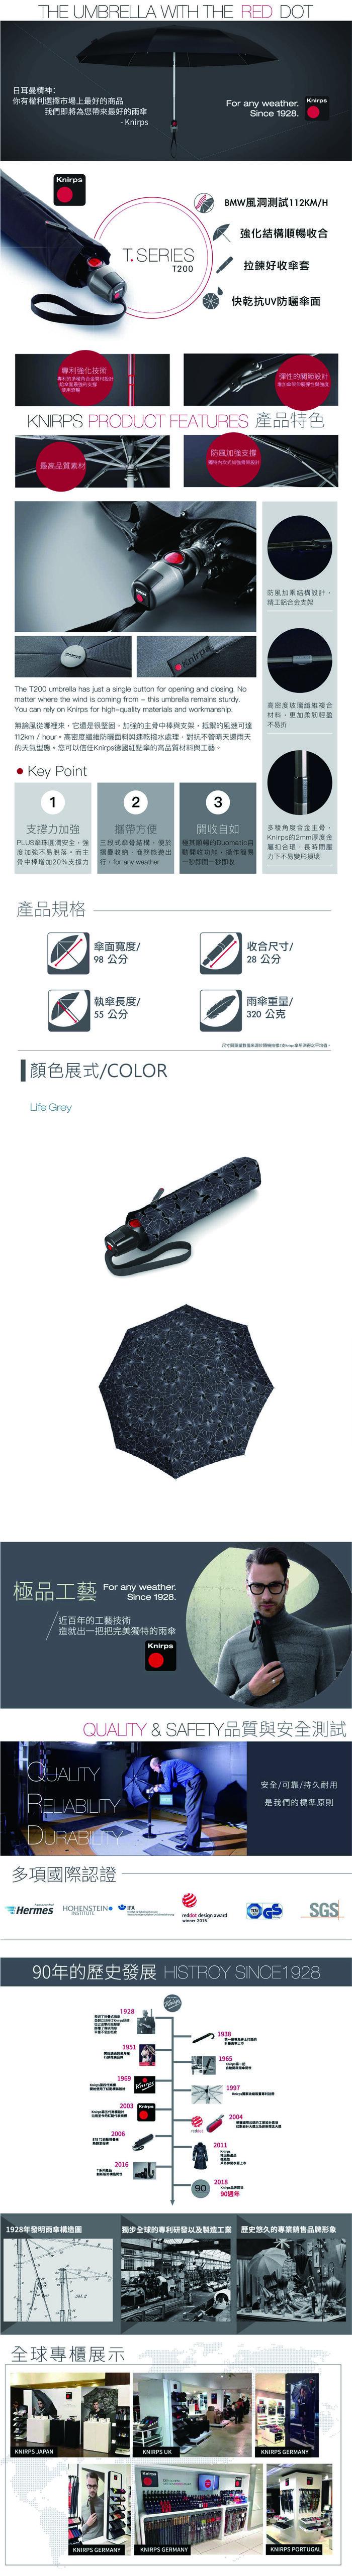 (複製)Knirps德國紅點傘|T.200 自動開收傘- Life aqua